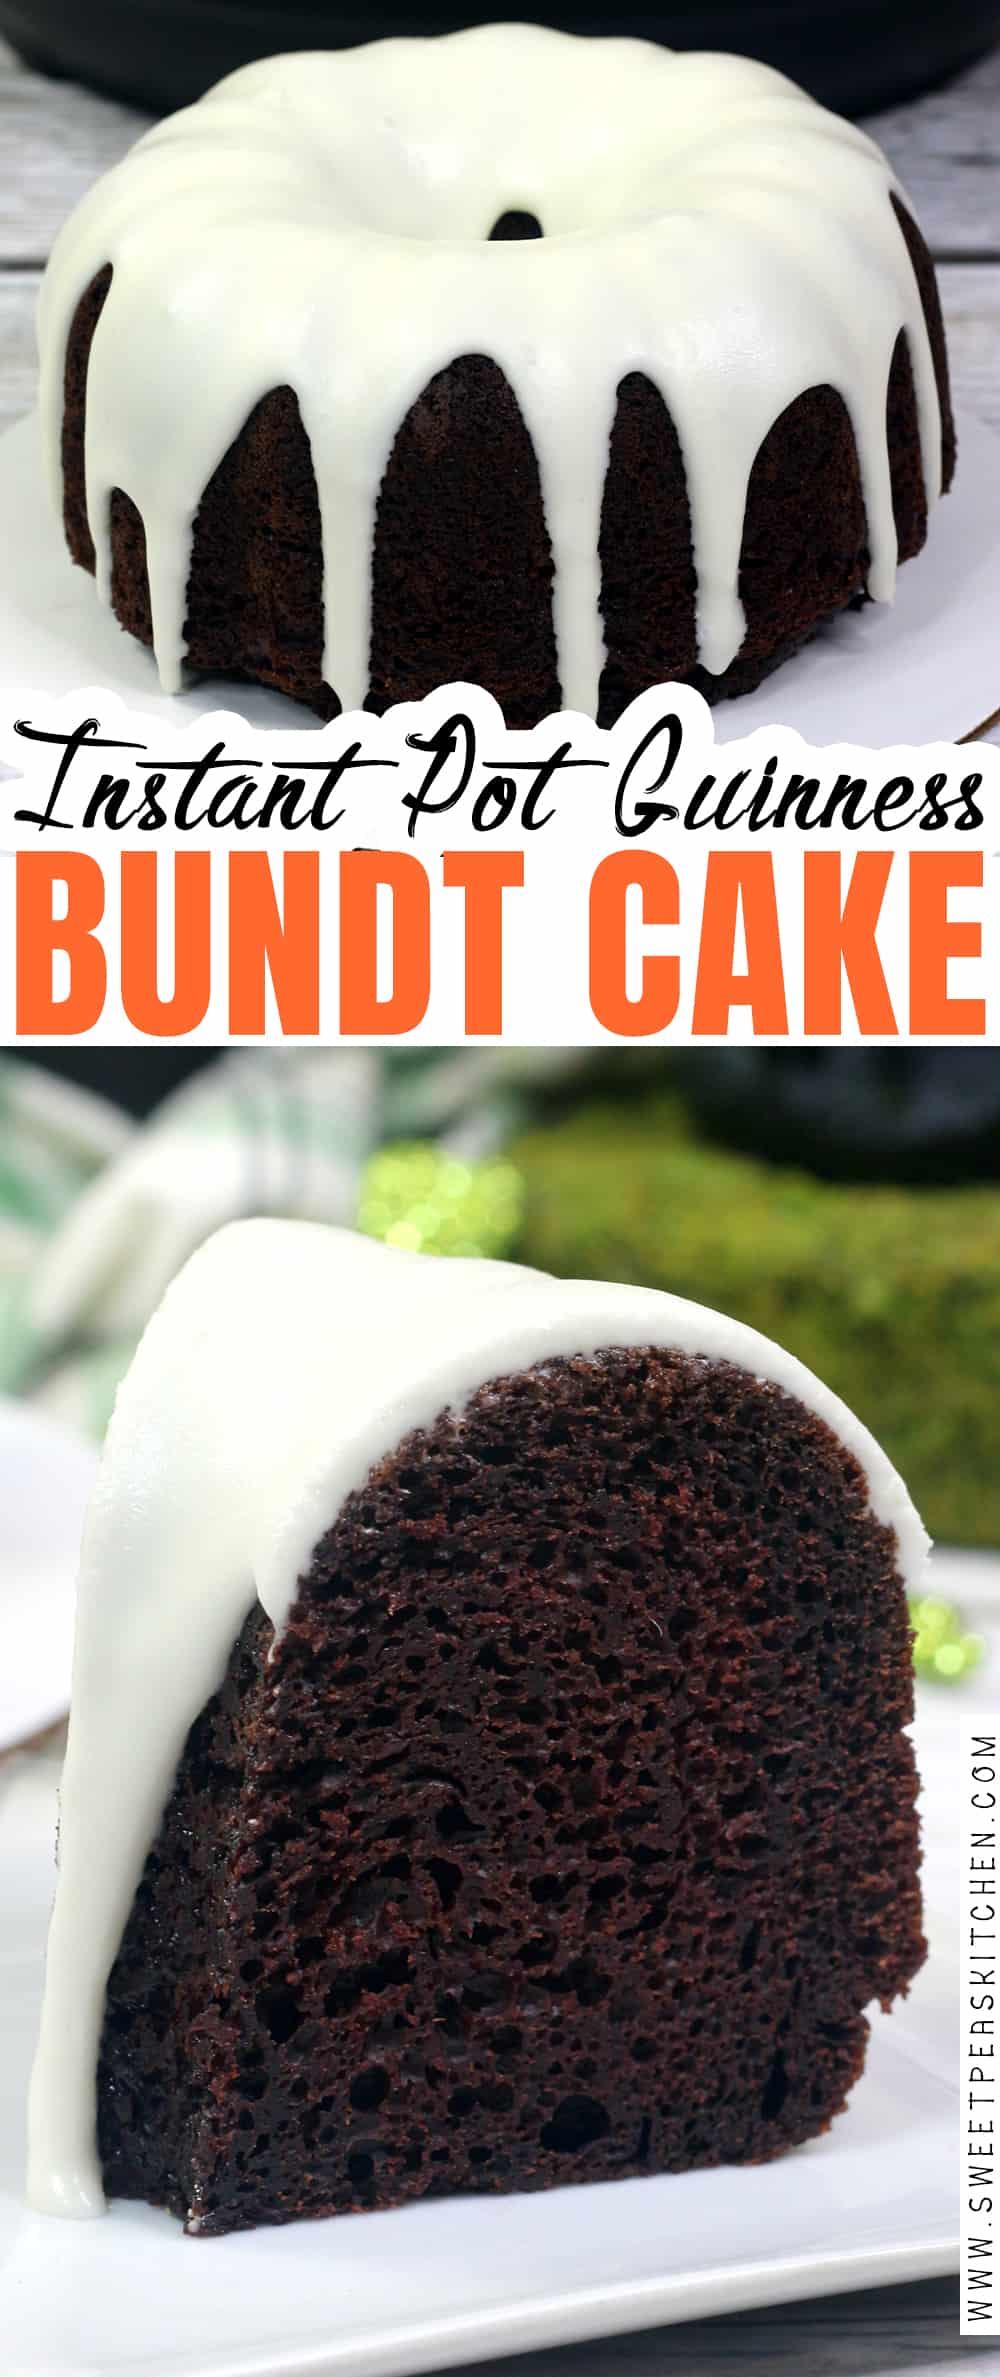 Instant Pot Guinness bundt cake